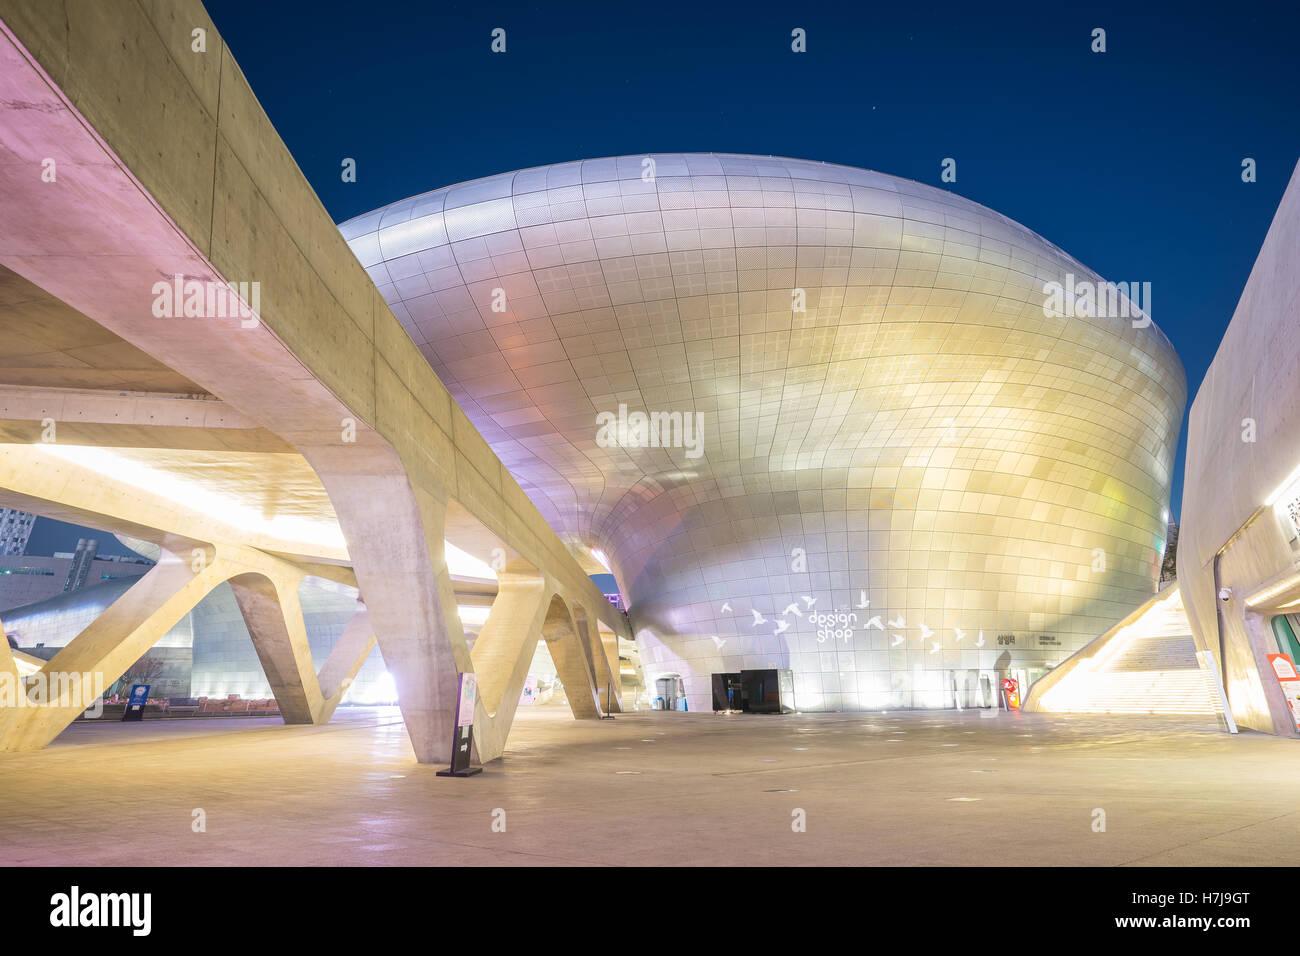 Seúl, Corea del Sur- Diciembre 7, 2015: El diseño de Dongdaemun Plaza, también llamado el DDP es Imagen De Stock